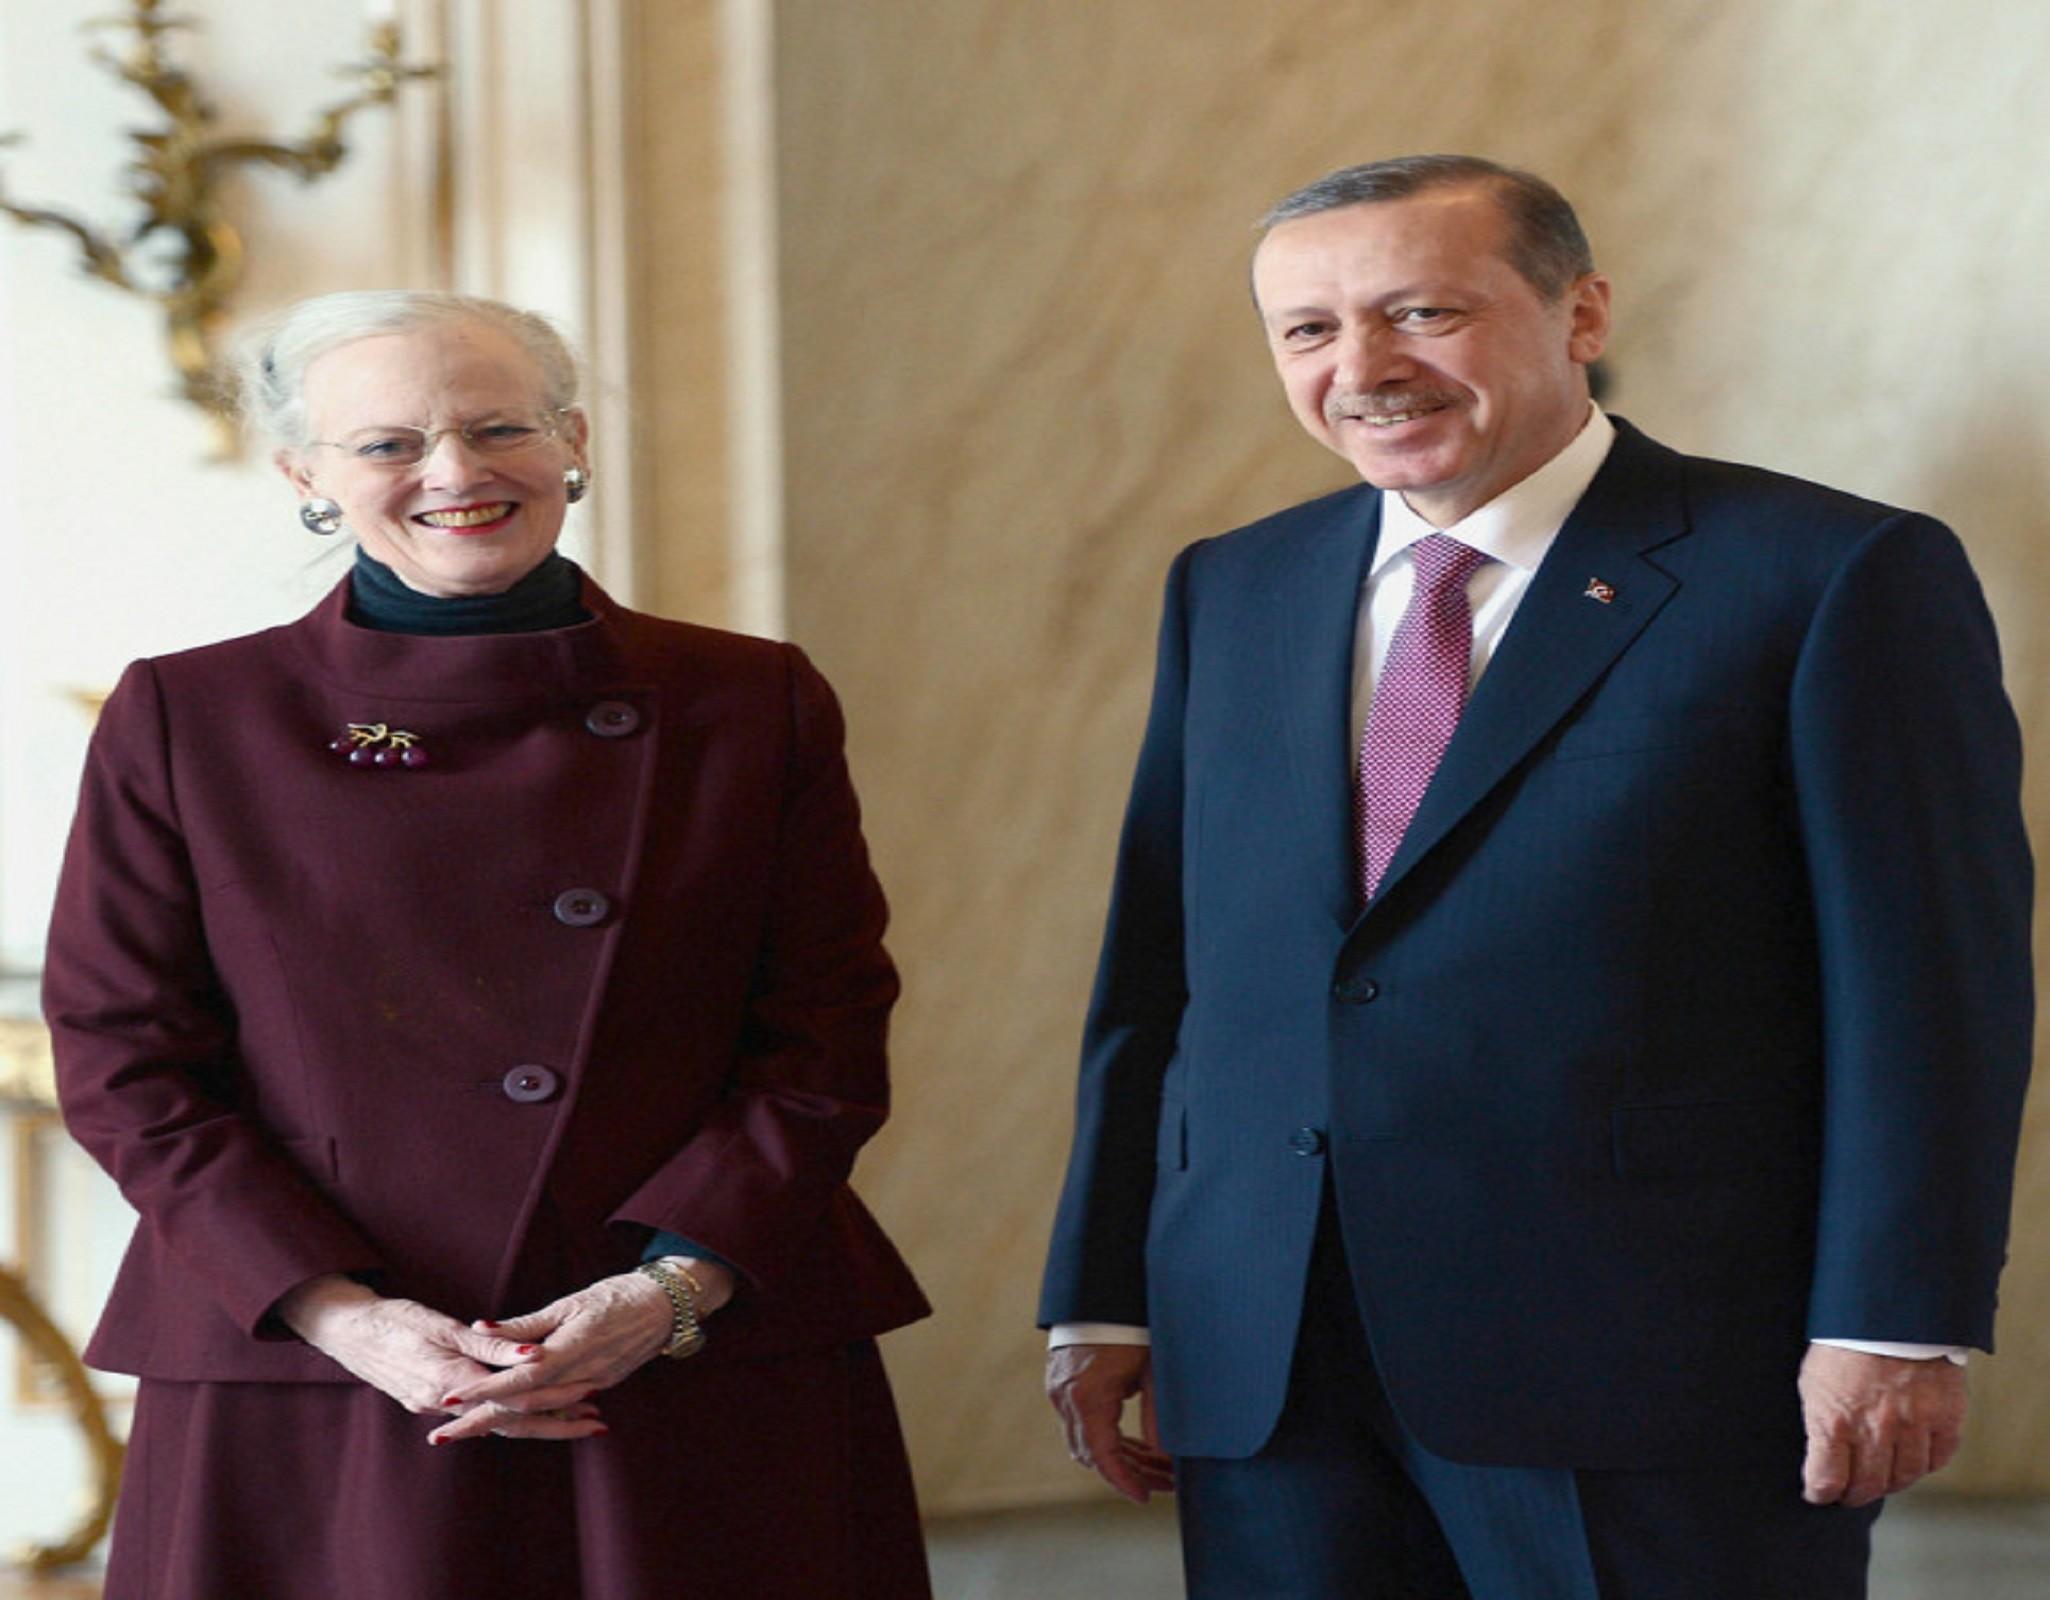 Danimarka Kraliçesi II. Margrethe Türkiye'yi ziyaret edecek